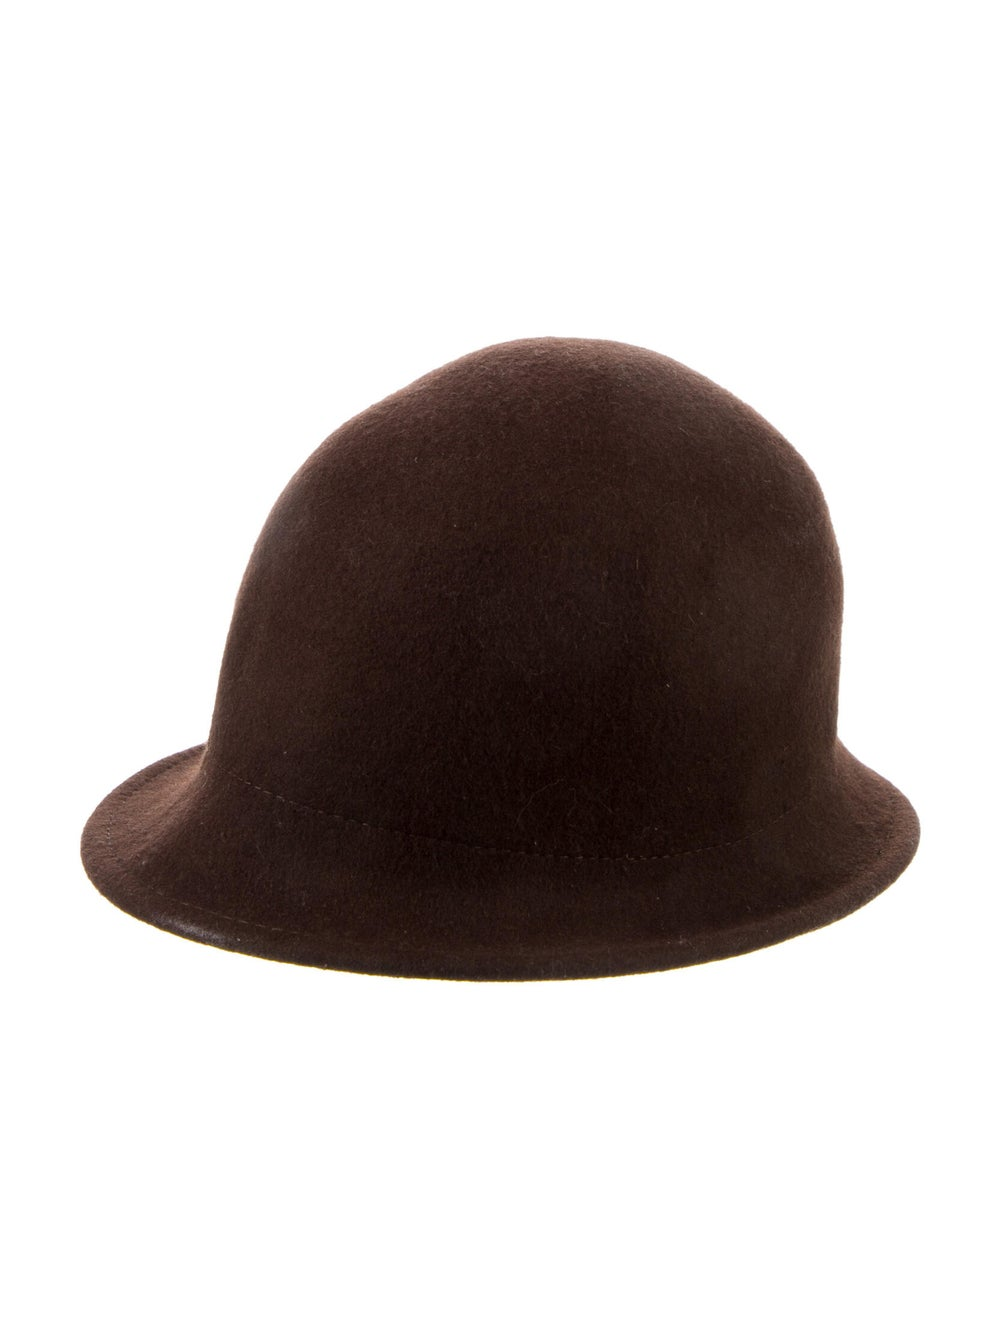 Janessa Leone Wide Brim Wool Hat Black - image 1